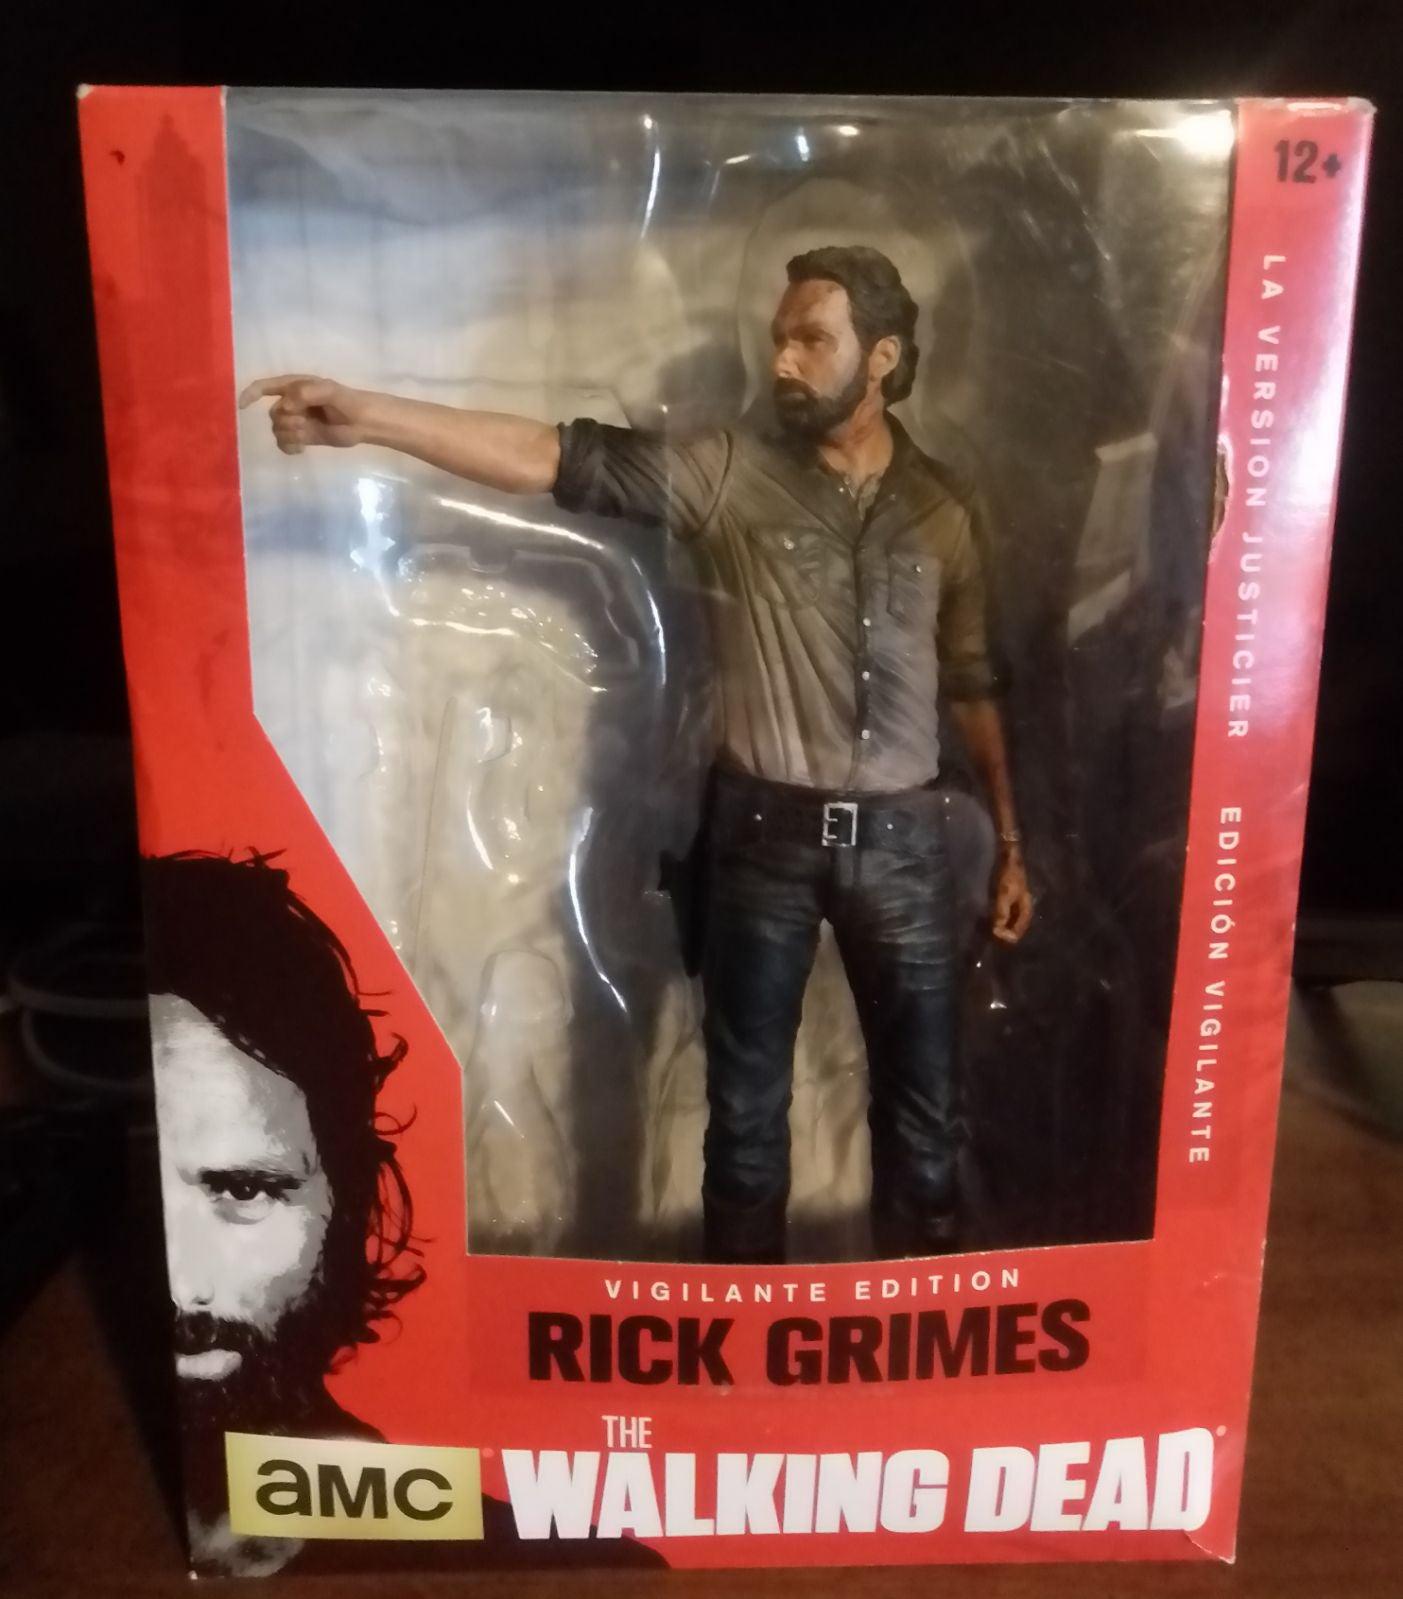 The Walking Dead Rick Grimes Vigilante 1